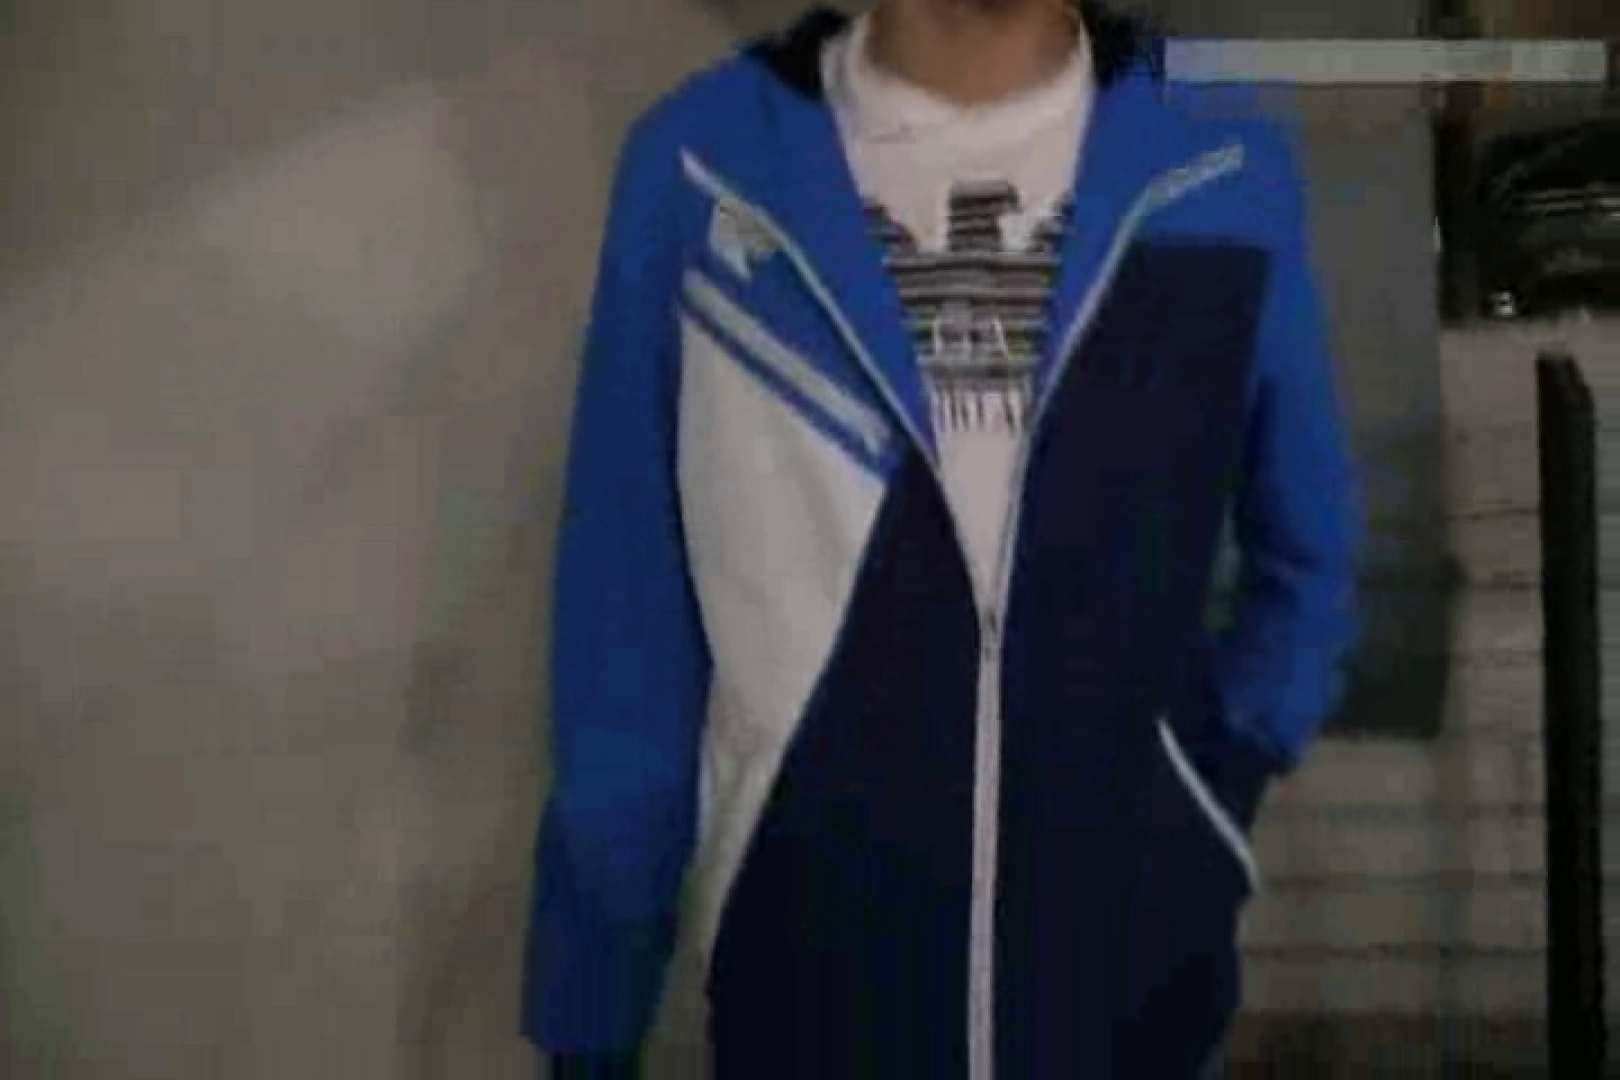 ユーロナンパ!イケメン外人さんGET!!Season3 vol02 スポーツ系男子 ゲイフリーエロ画像 91枚 63